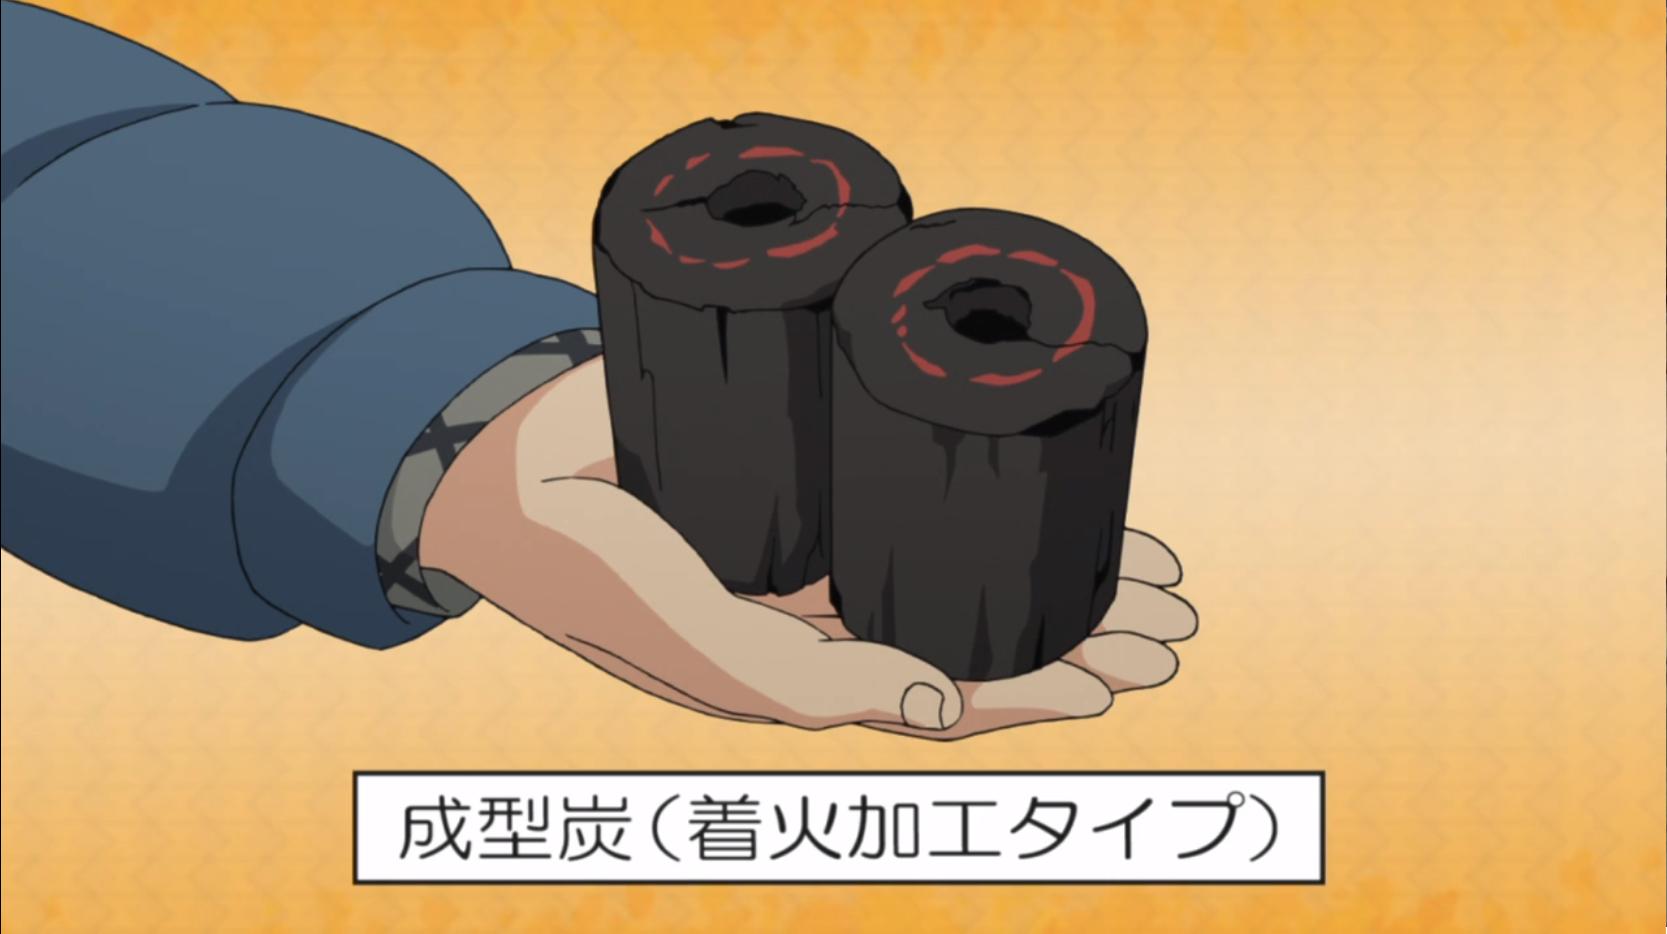 アニメ『ゆるキャン△』7話 の成型炭